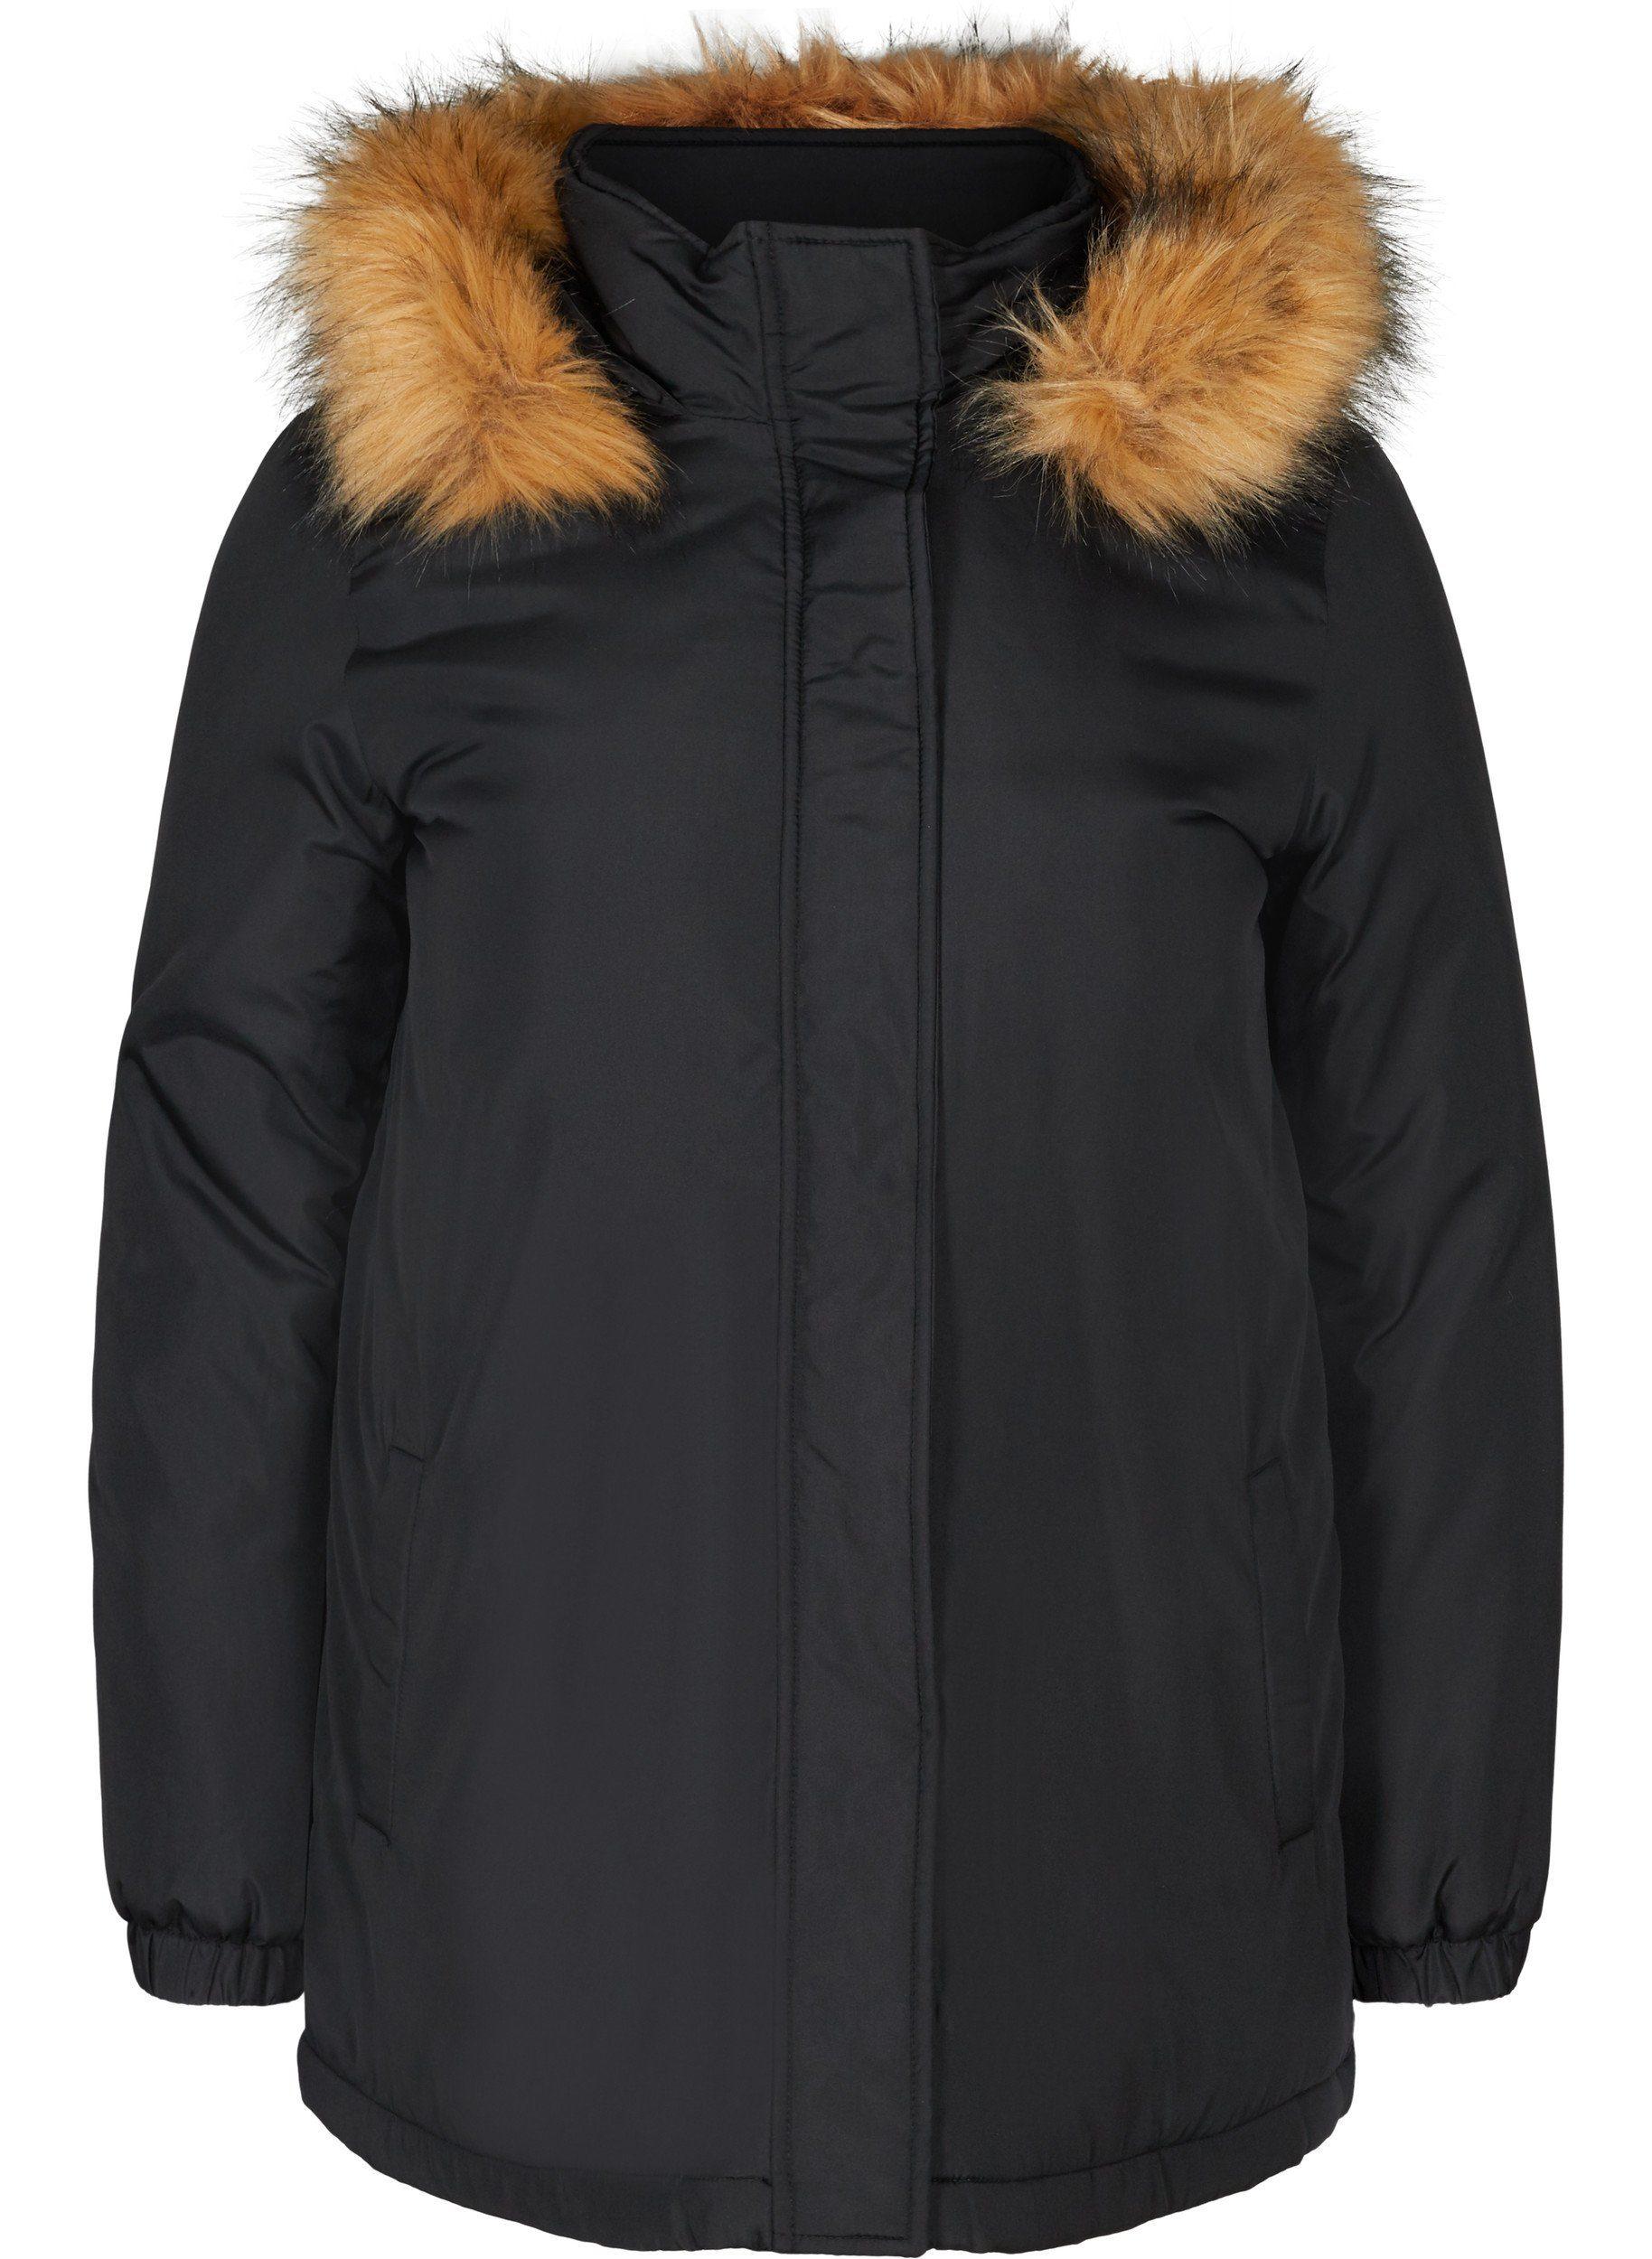 Zizzi Winterjacke Große Größen Damen Jacke mit Reißverschluss und Kunstpelz Kapuze online kaufen | OTTO